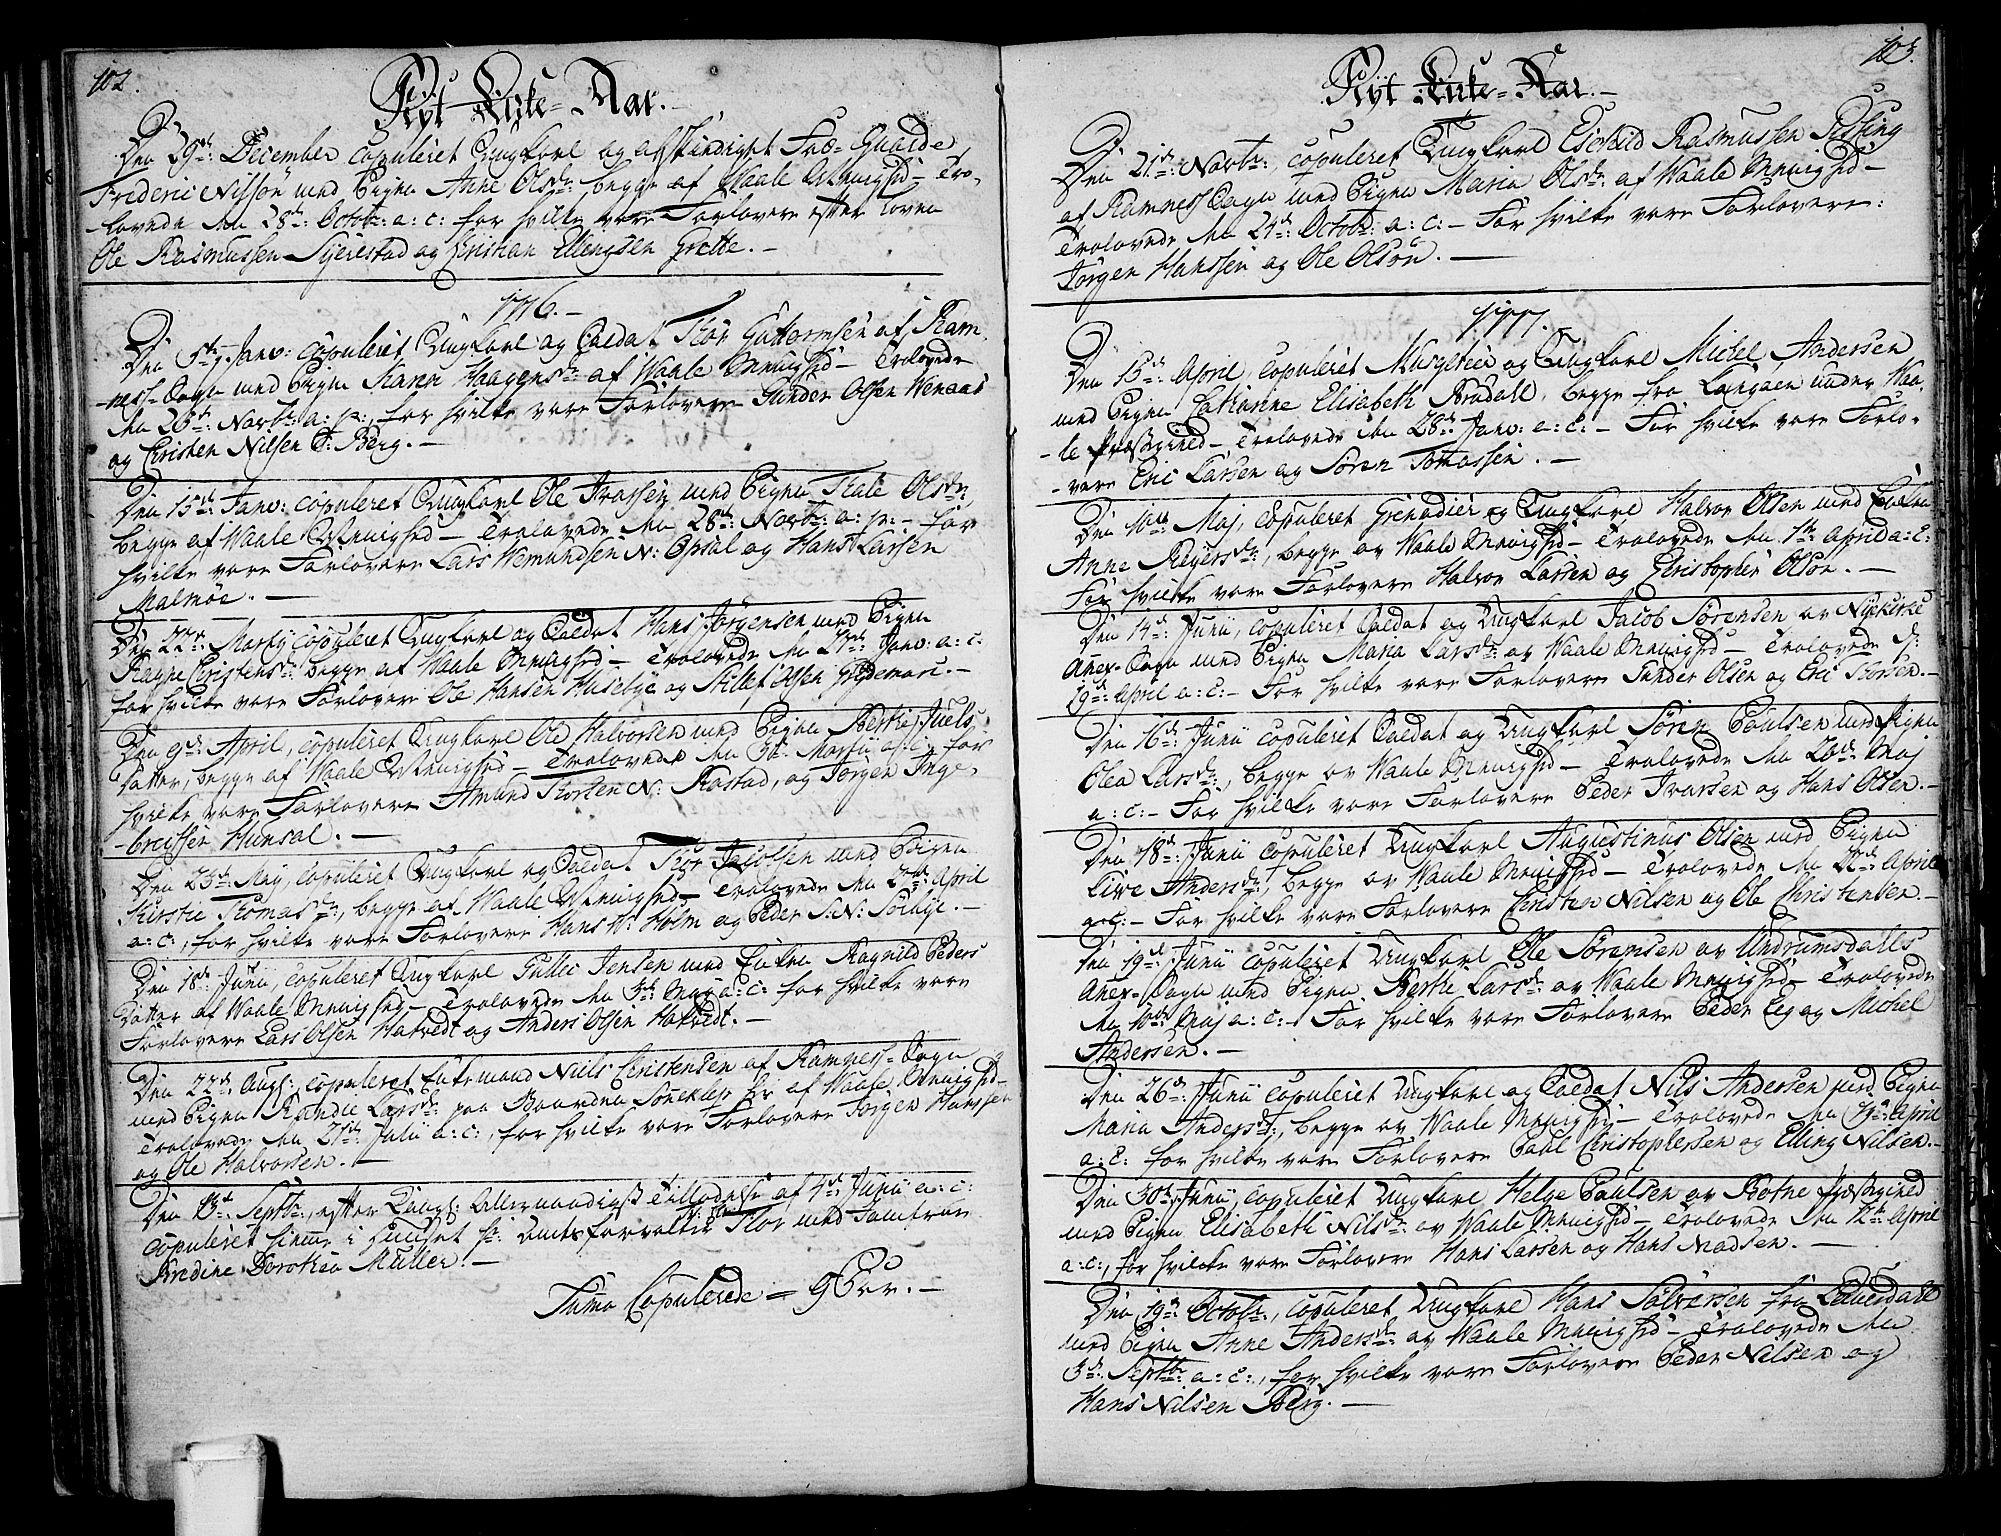 SAKO, Våle kirkebøker, F/Fa/L0005: Ministerialbok nr. I 5, 1773-1808, s. 102-103